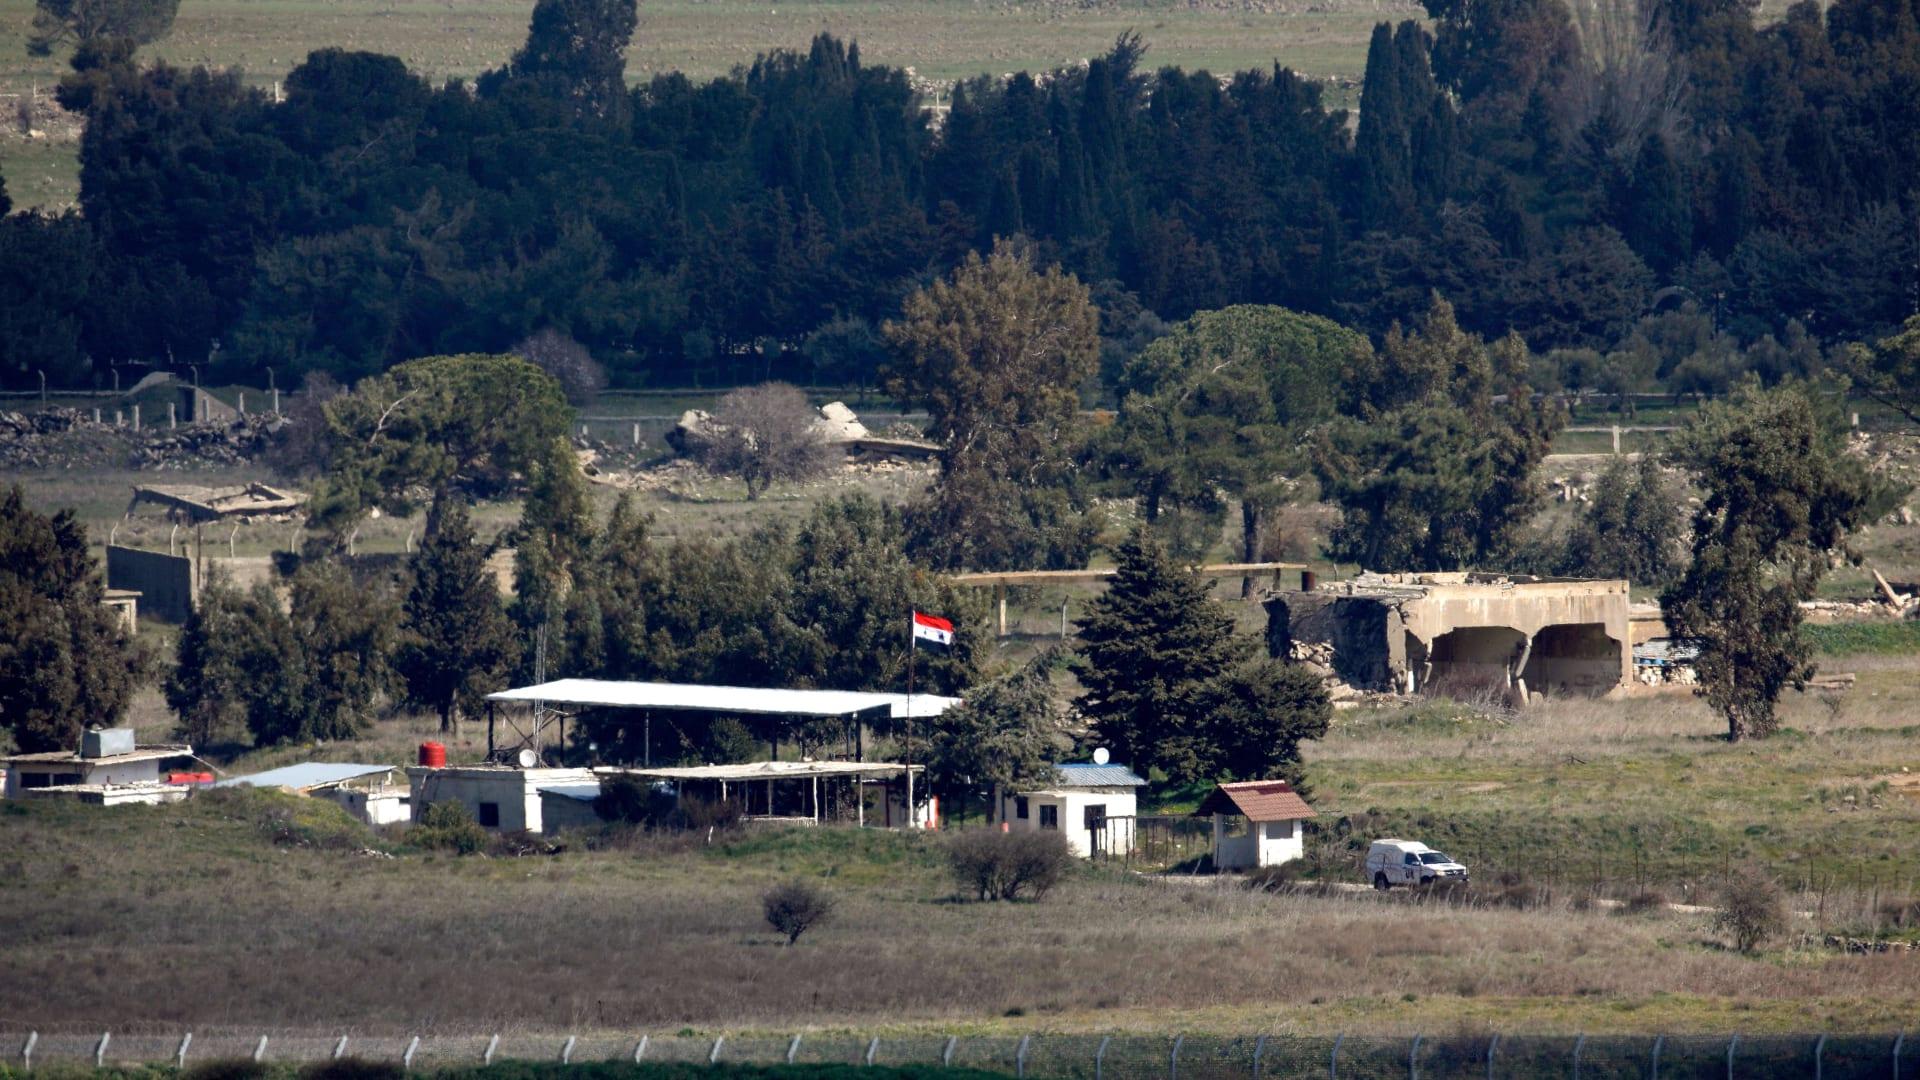 سانا: إتمام عملية تبادل للأسري بين سوريا وإسرائيل عبر وساطة روسية